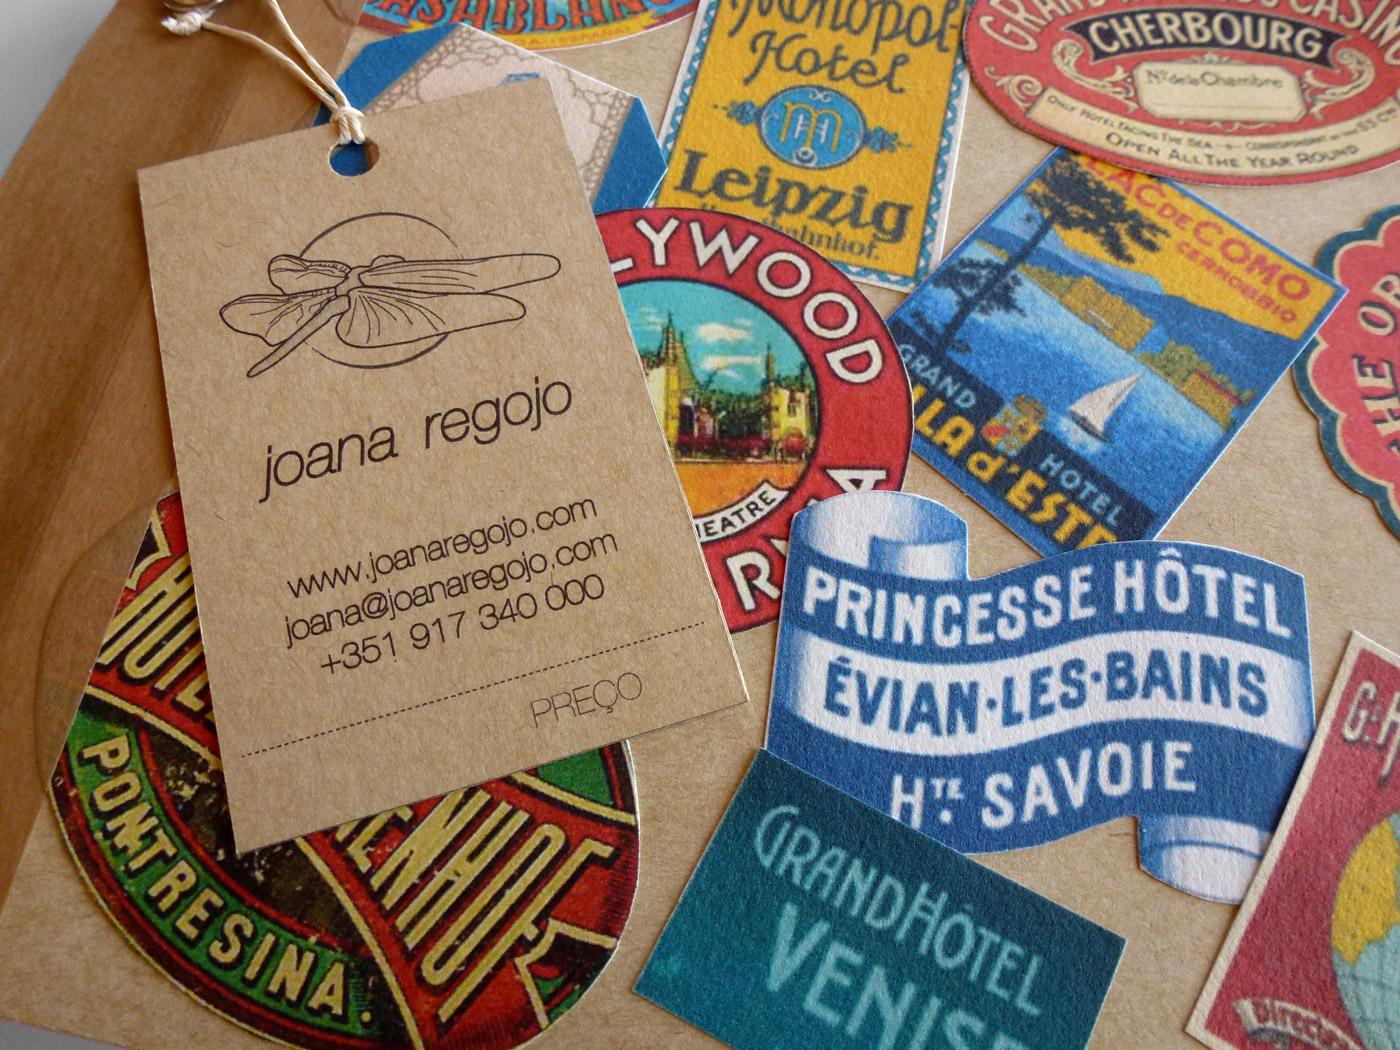 Travel Memories © 2014 Joana Regojo (www.joanaregojo.com)